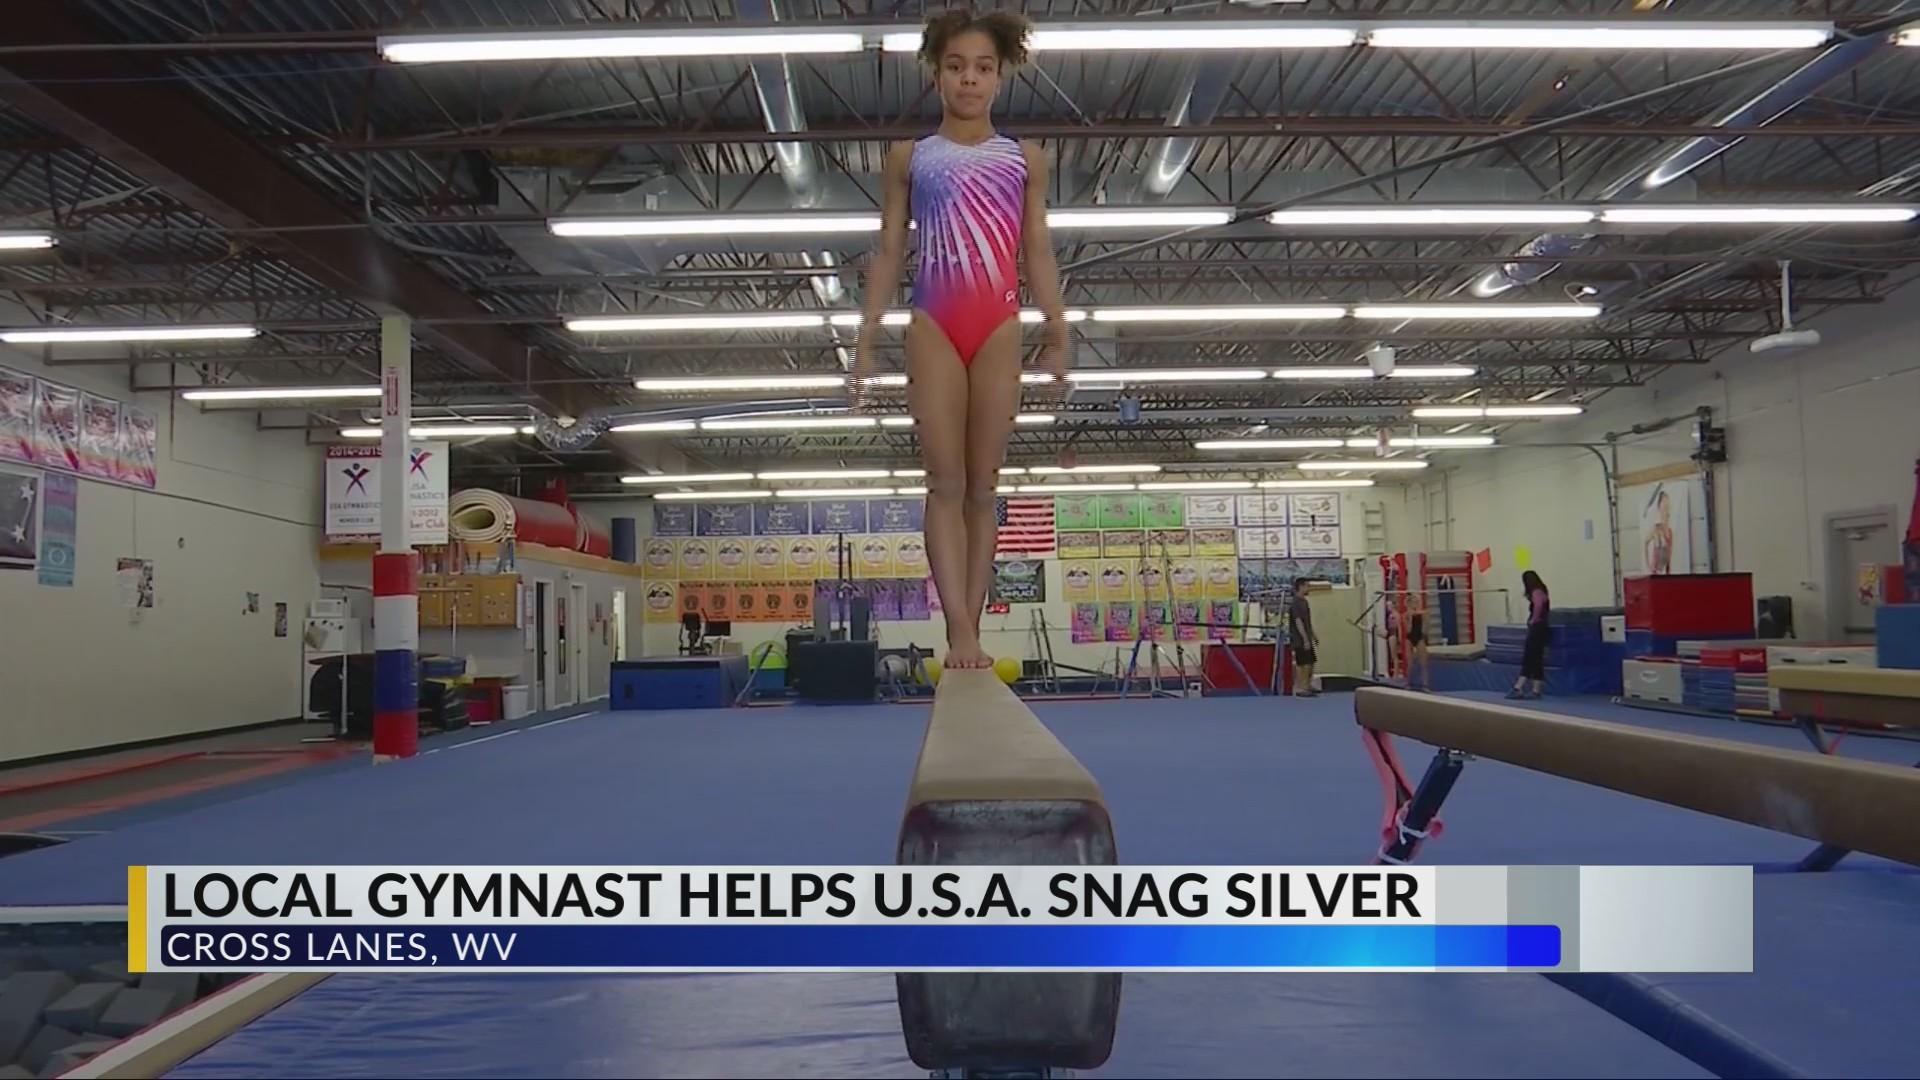 Local Gymnast Helps Team U.S.A. Snag Silver